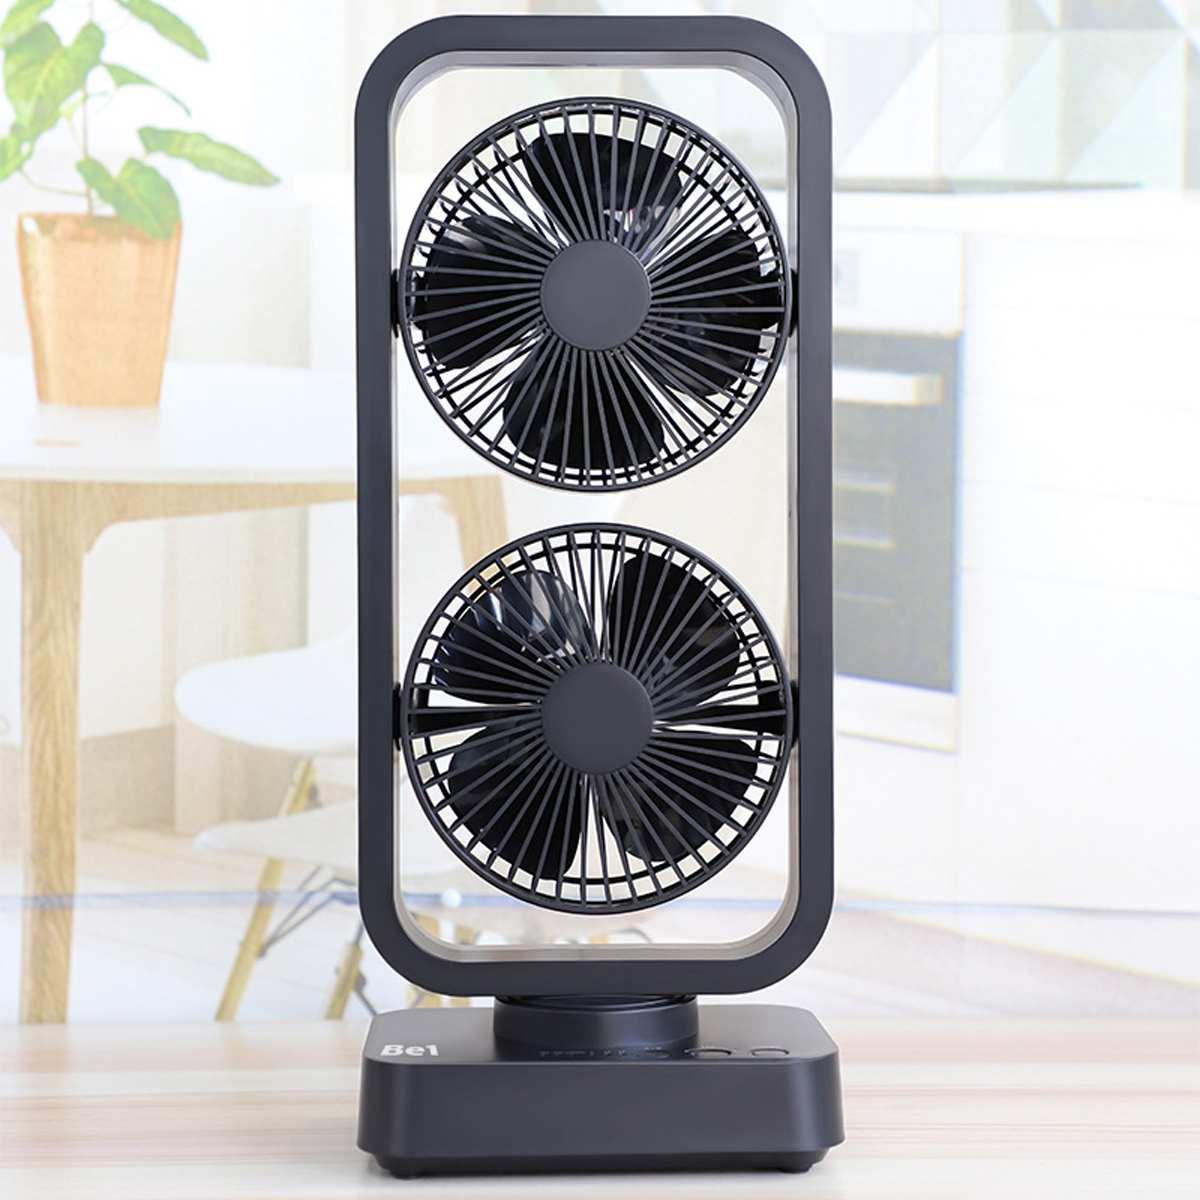 Haushaltsgeräte Tragbare Luftkühler Usb Vertikale Blattloser Ventilator Mini Klimaanlage Fan Schreibtisch Kühlturm Fan Für Home Office Schrecklicher Wert